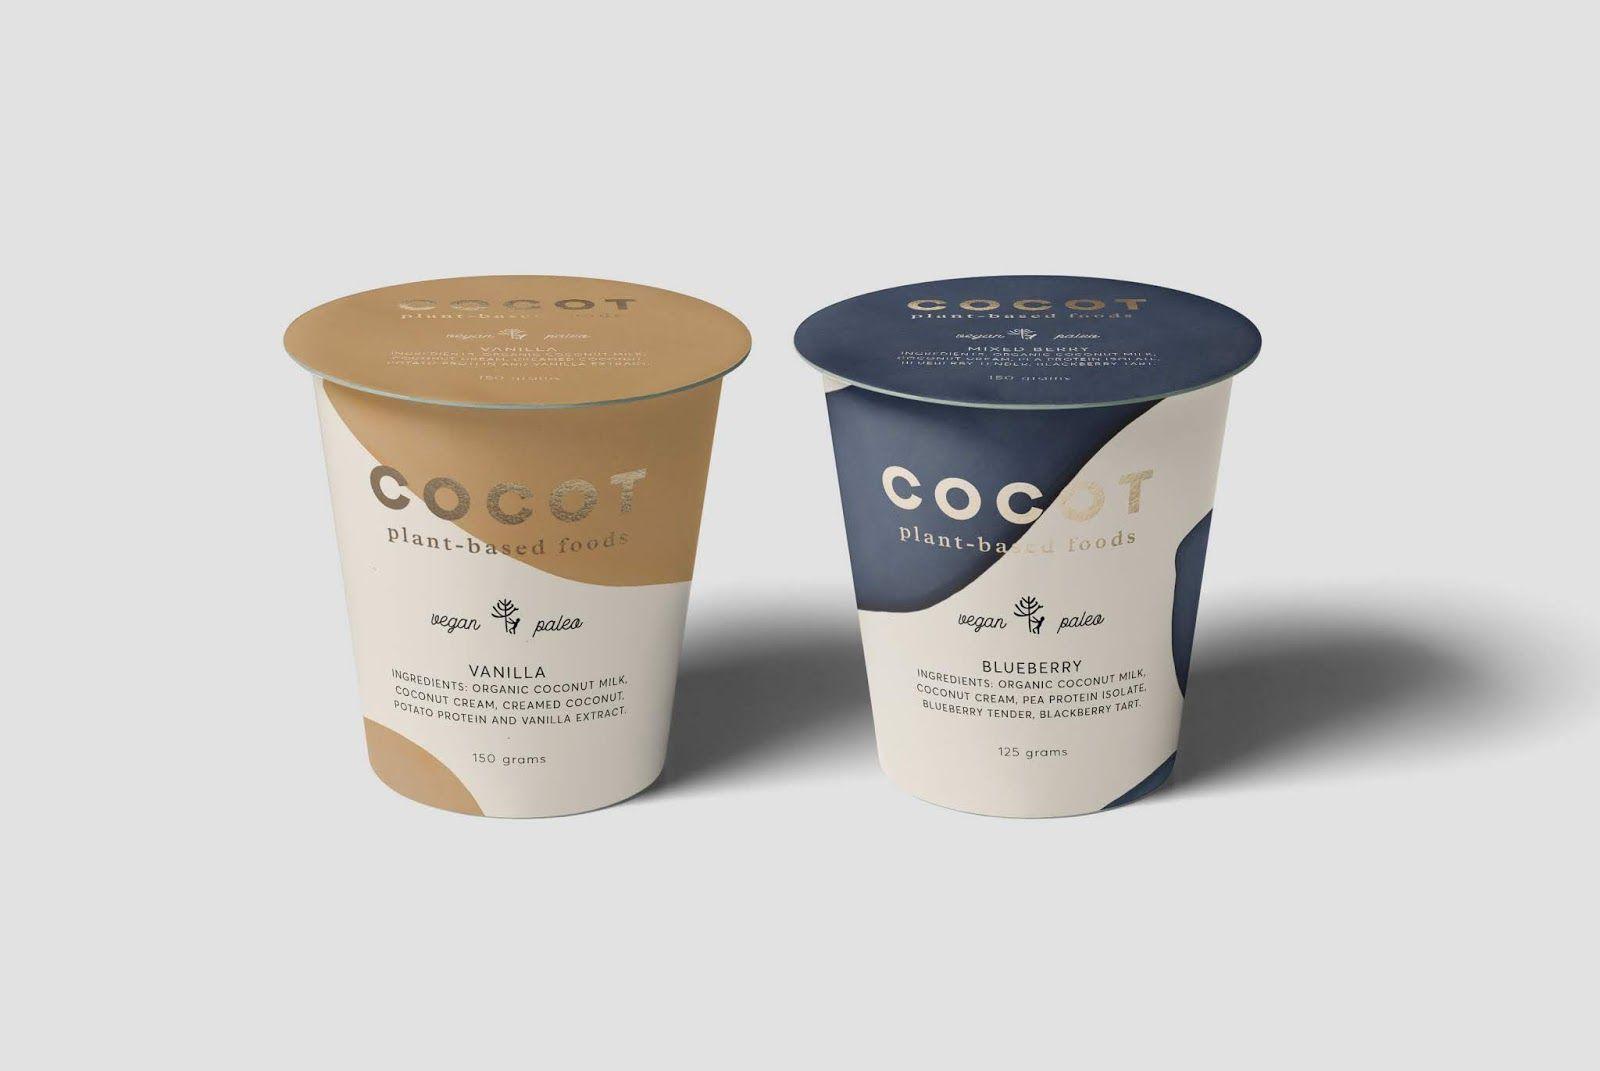 Cocot Bottle Packaging Design Packaging Design Inspiration